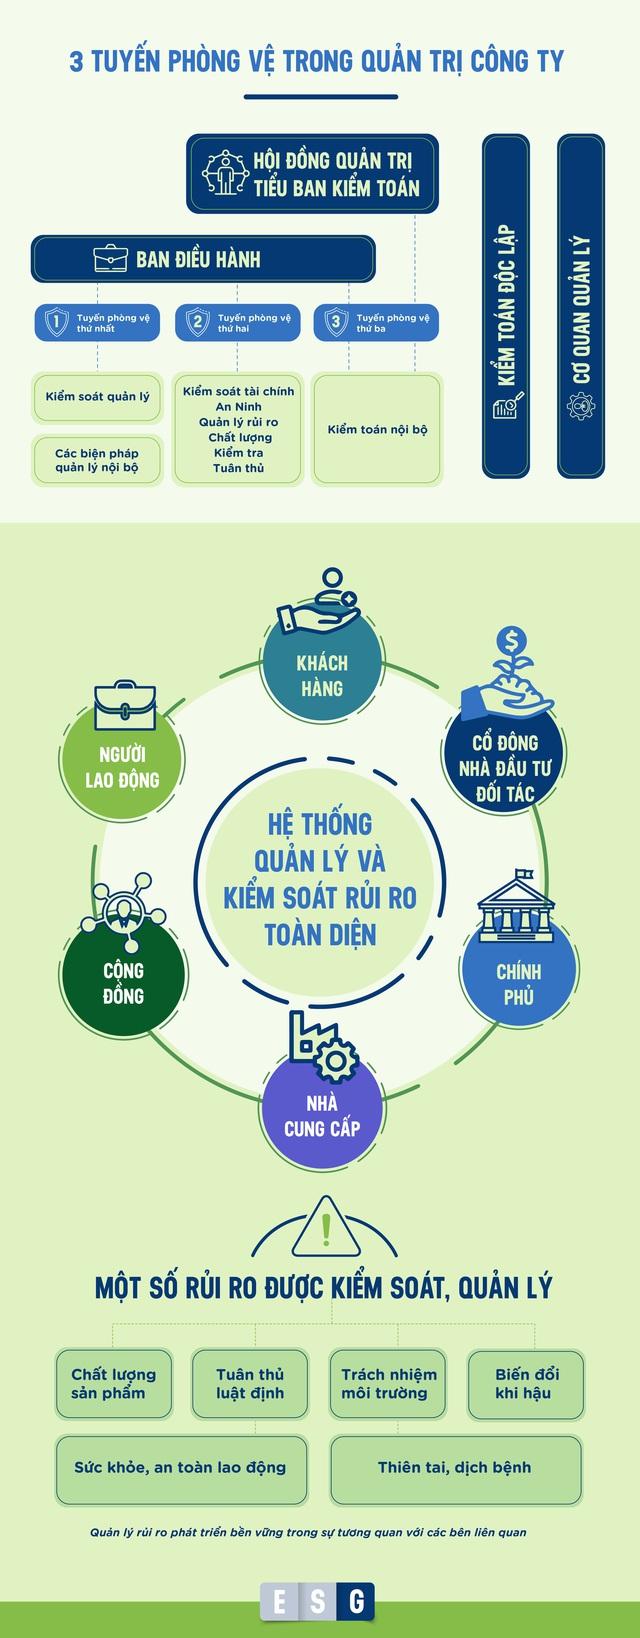 Thực hành ESG tại một trong những doanh nghiệp điển hình ở Việt Nam - Ảnh 7.